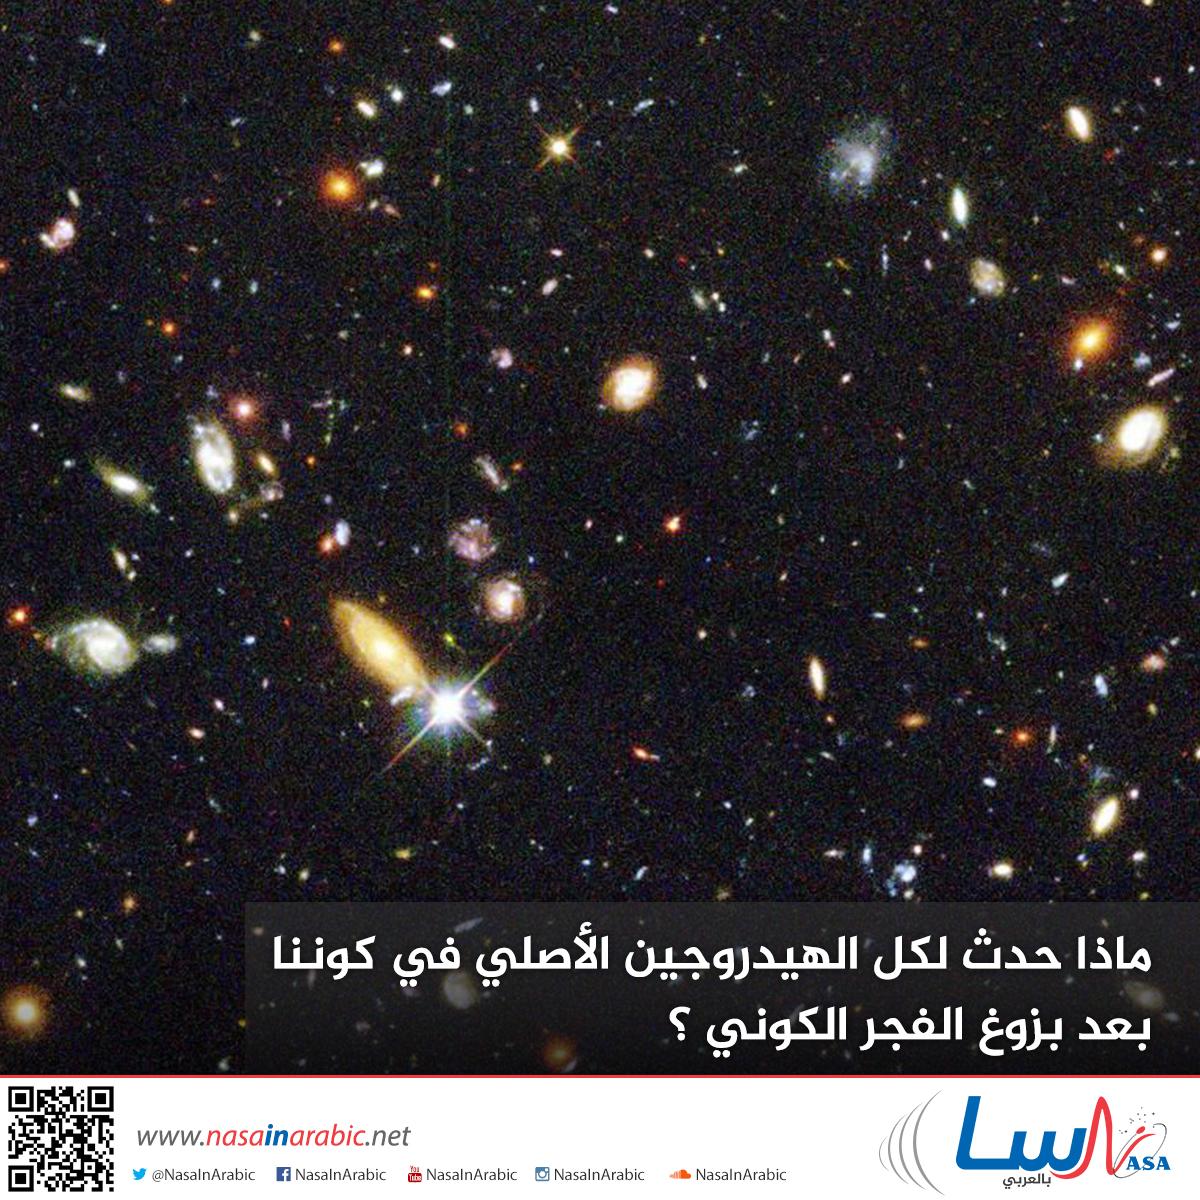 ماذا حدث لكل الهيدروجين الأصلي في كوننا بعد بزوغ الفجر الكوني